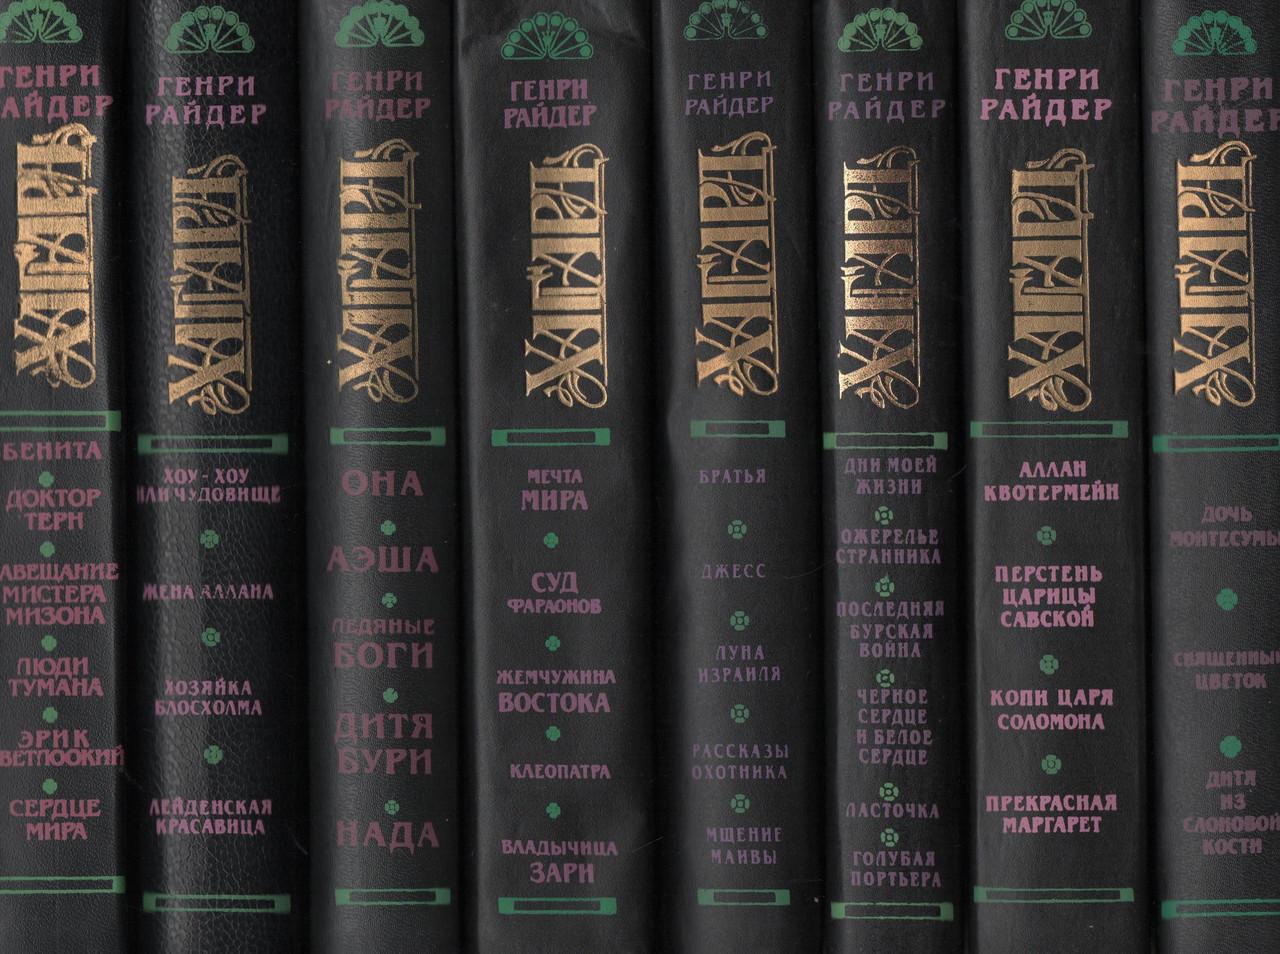 Генри Райдер Хаггард в восьми книгах